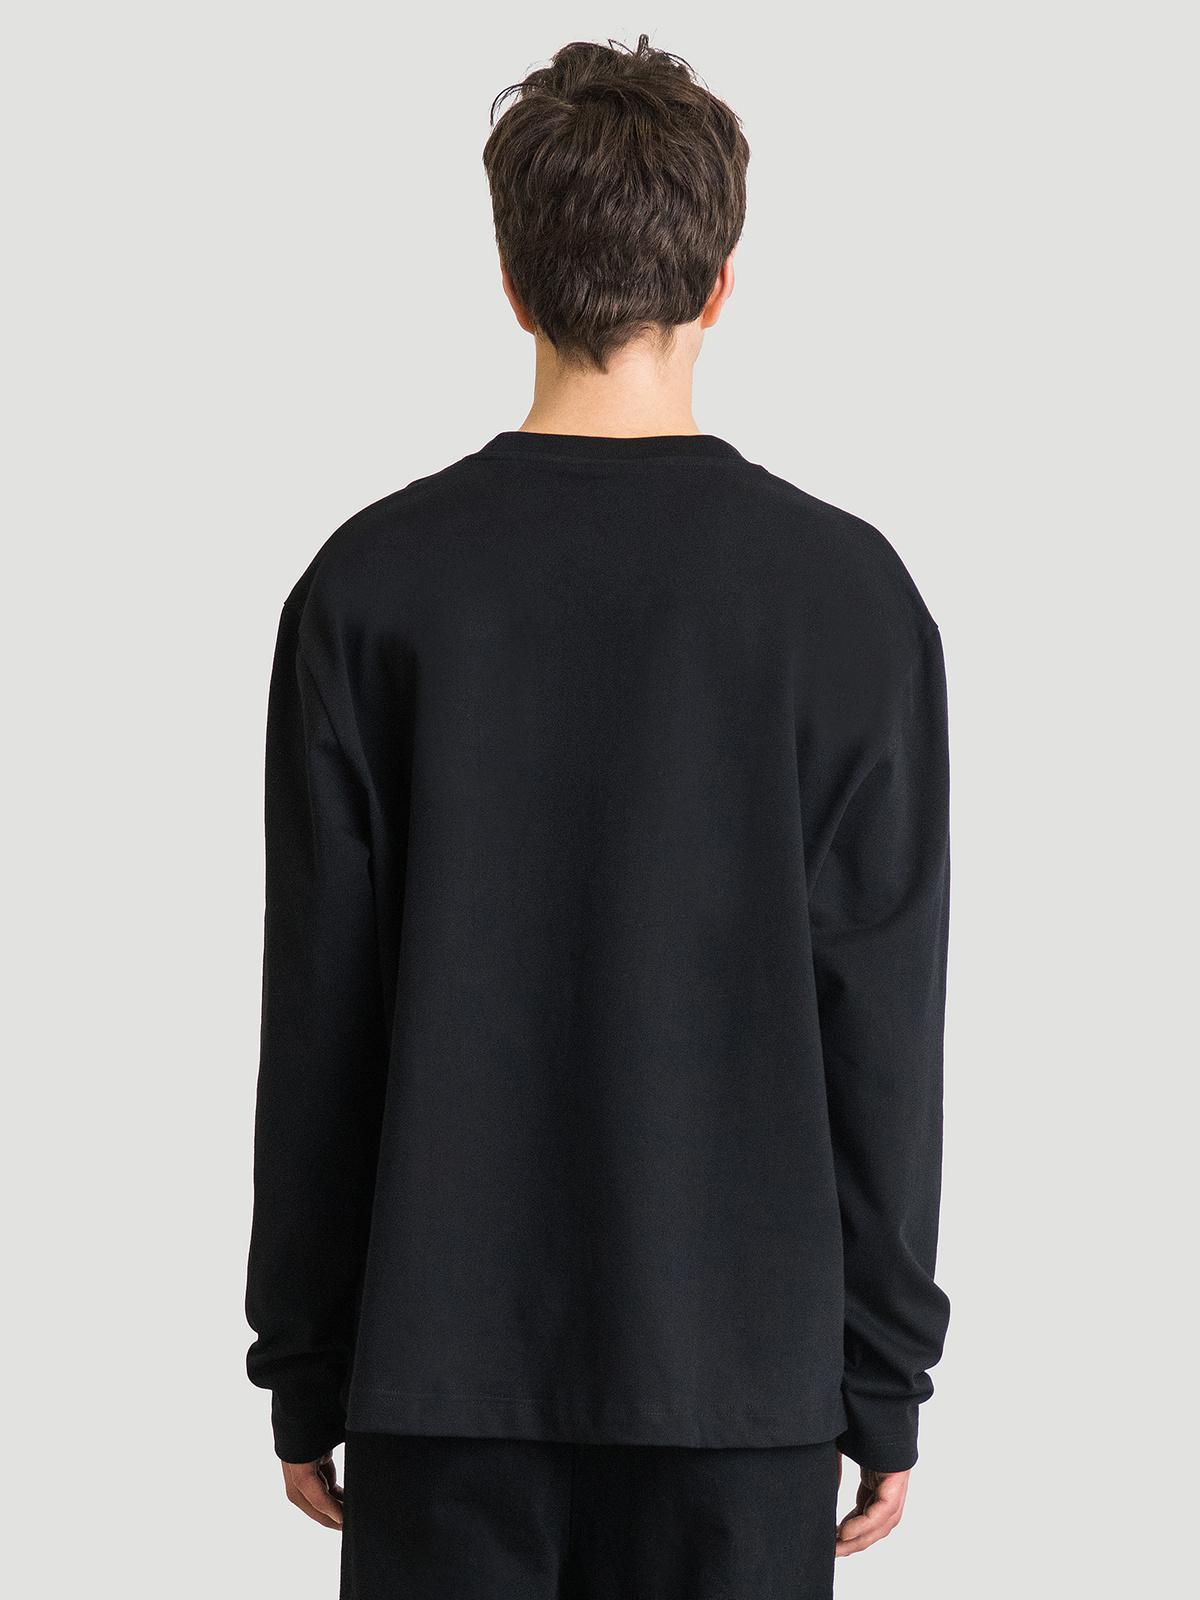 Hanger Longsleeve Black 10